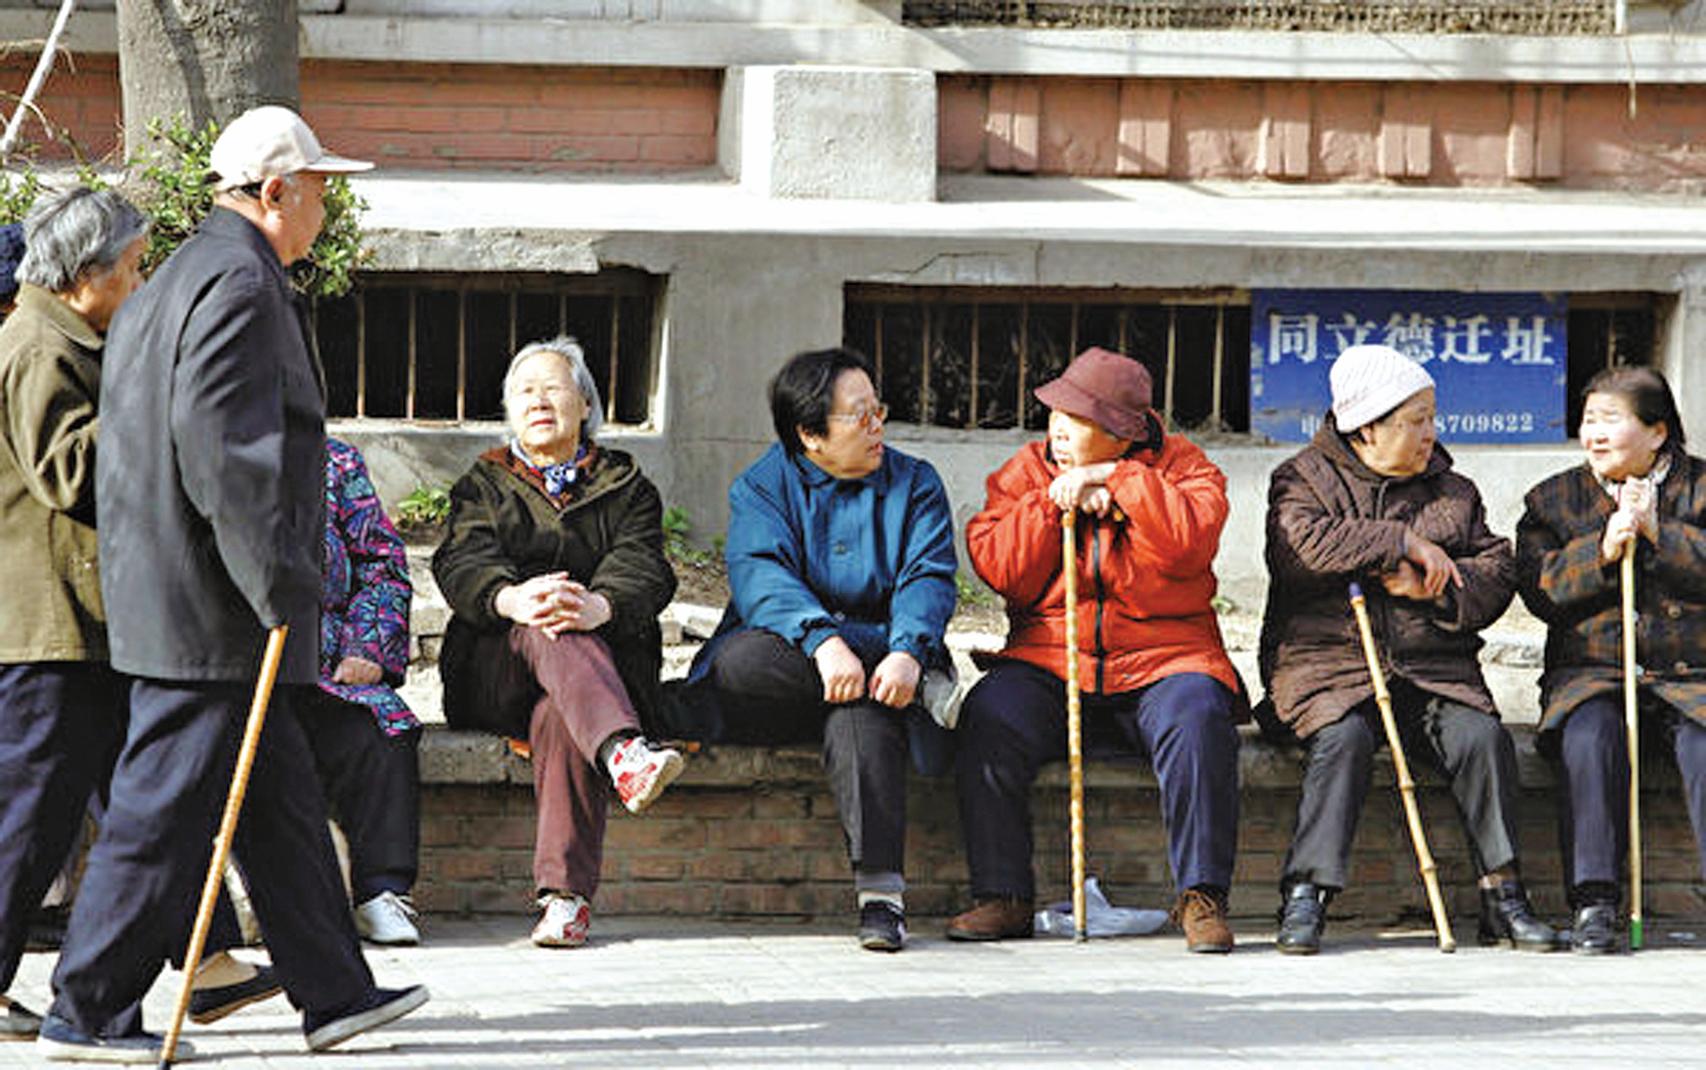 近日,湖南長沙多起養老機構「爆雷」,上萬人受害,涉案金額十餘億元。圖為示意圖。 (Getty Images)